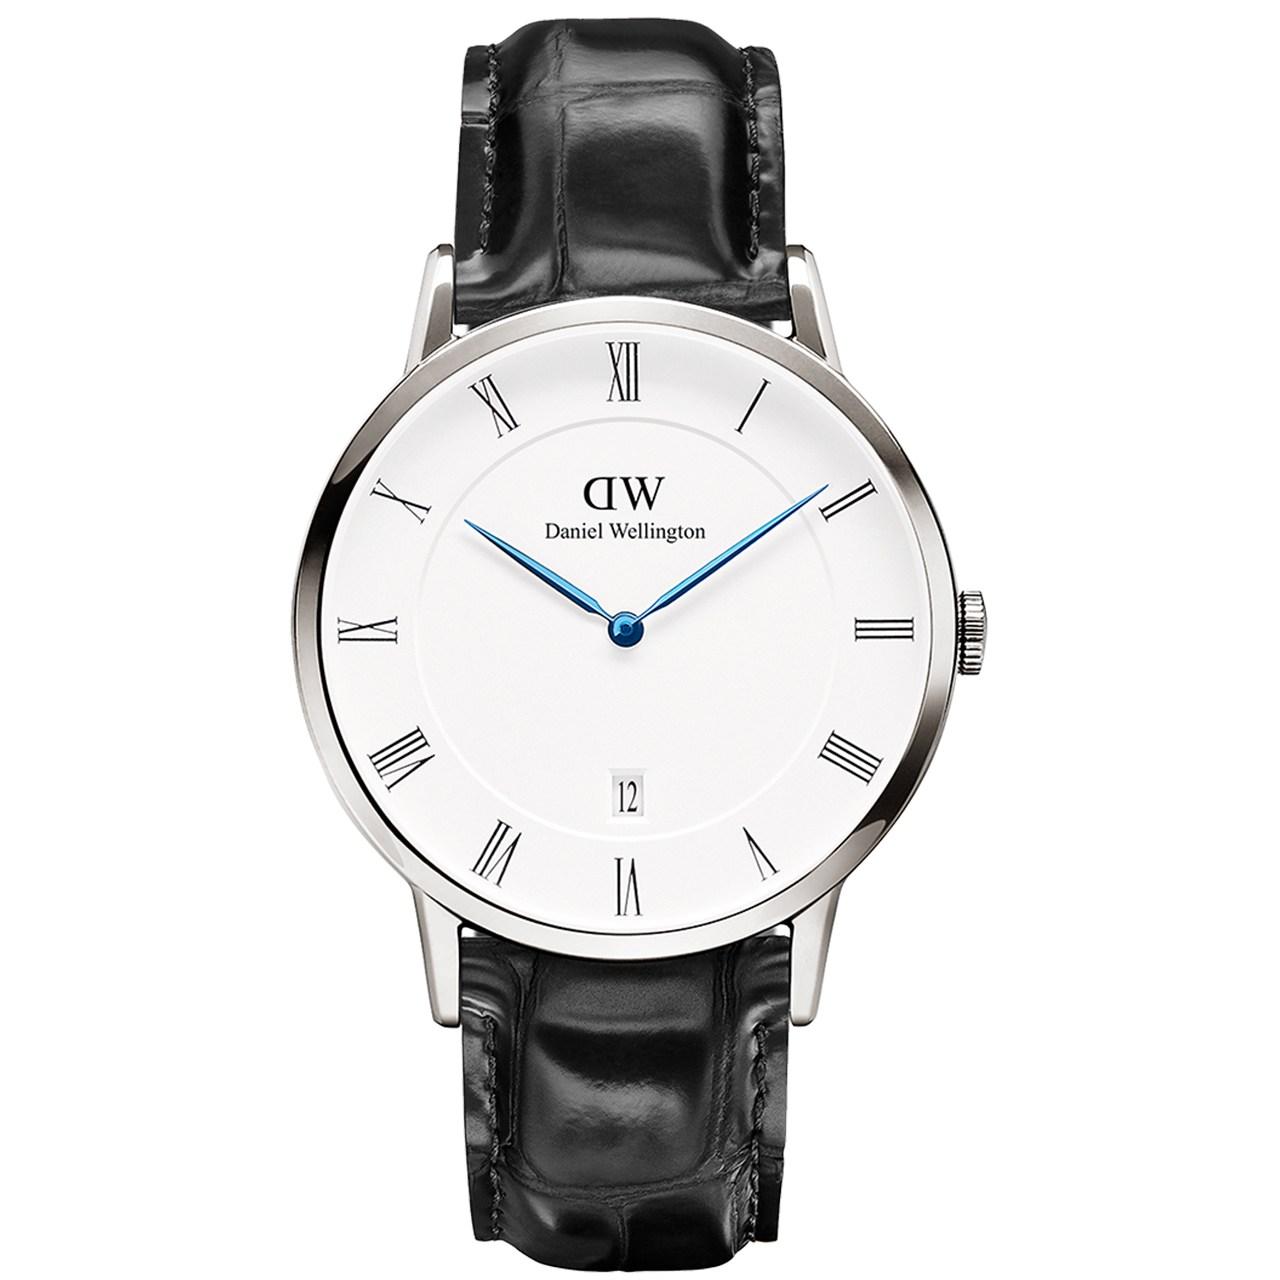 ساعت مچی عقربه ای مردانه دنیل ولینگتون مدل DW00100108              خرید (⭐️⭐️⭐️)